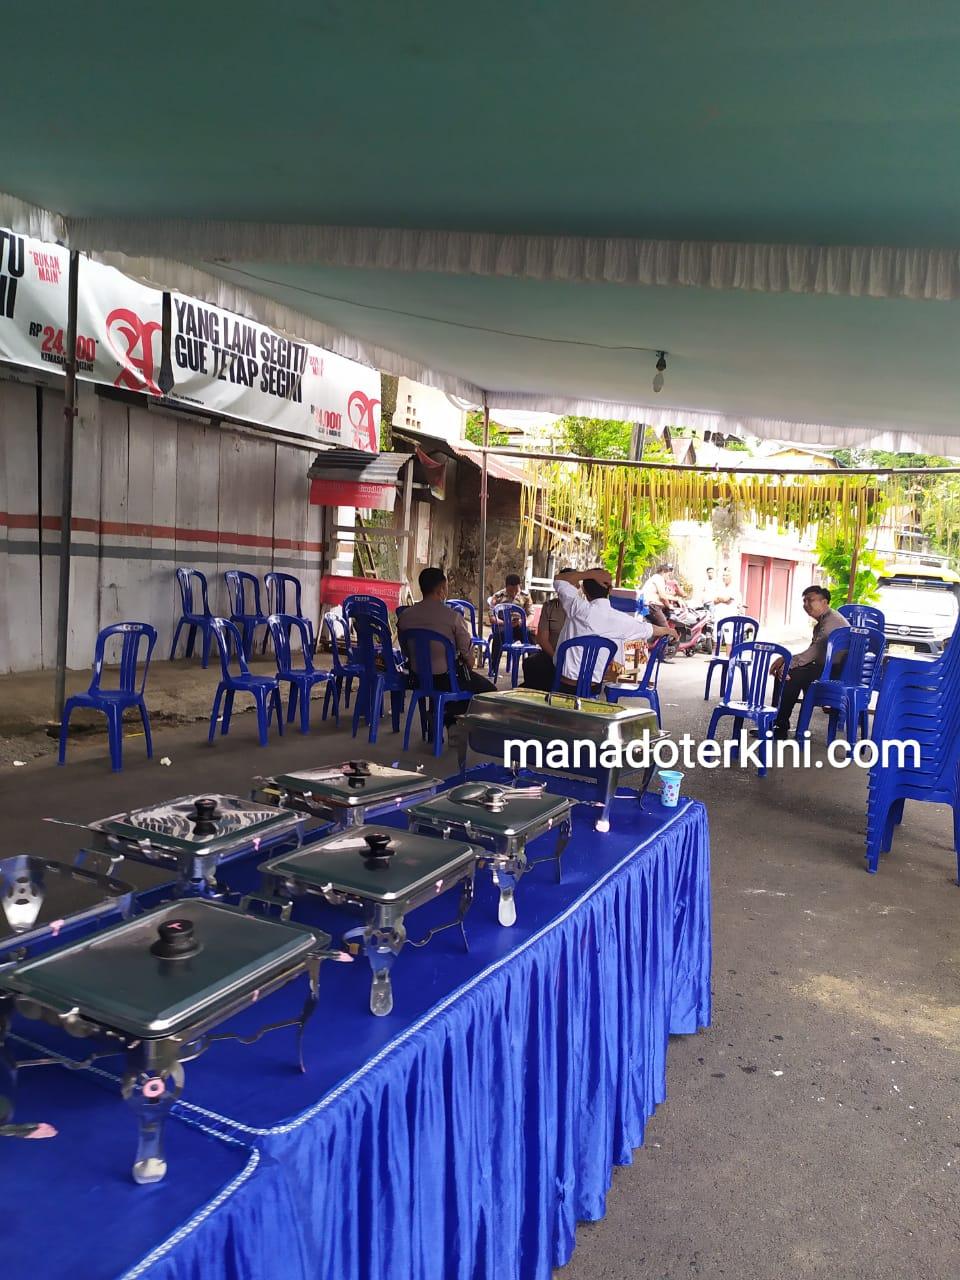 Polisi Bubarkan Acara Resepsi Pernikahan di Manado